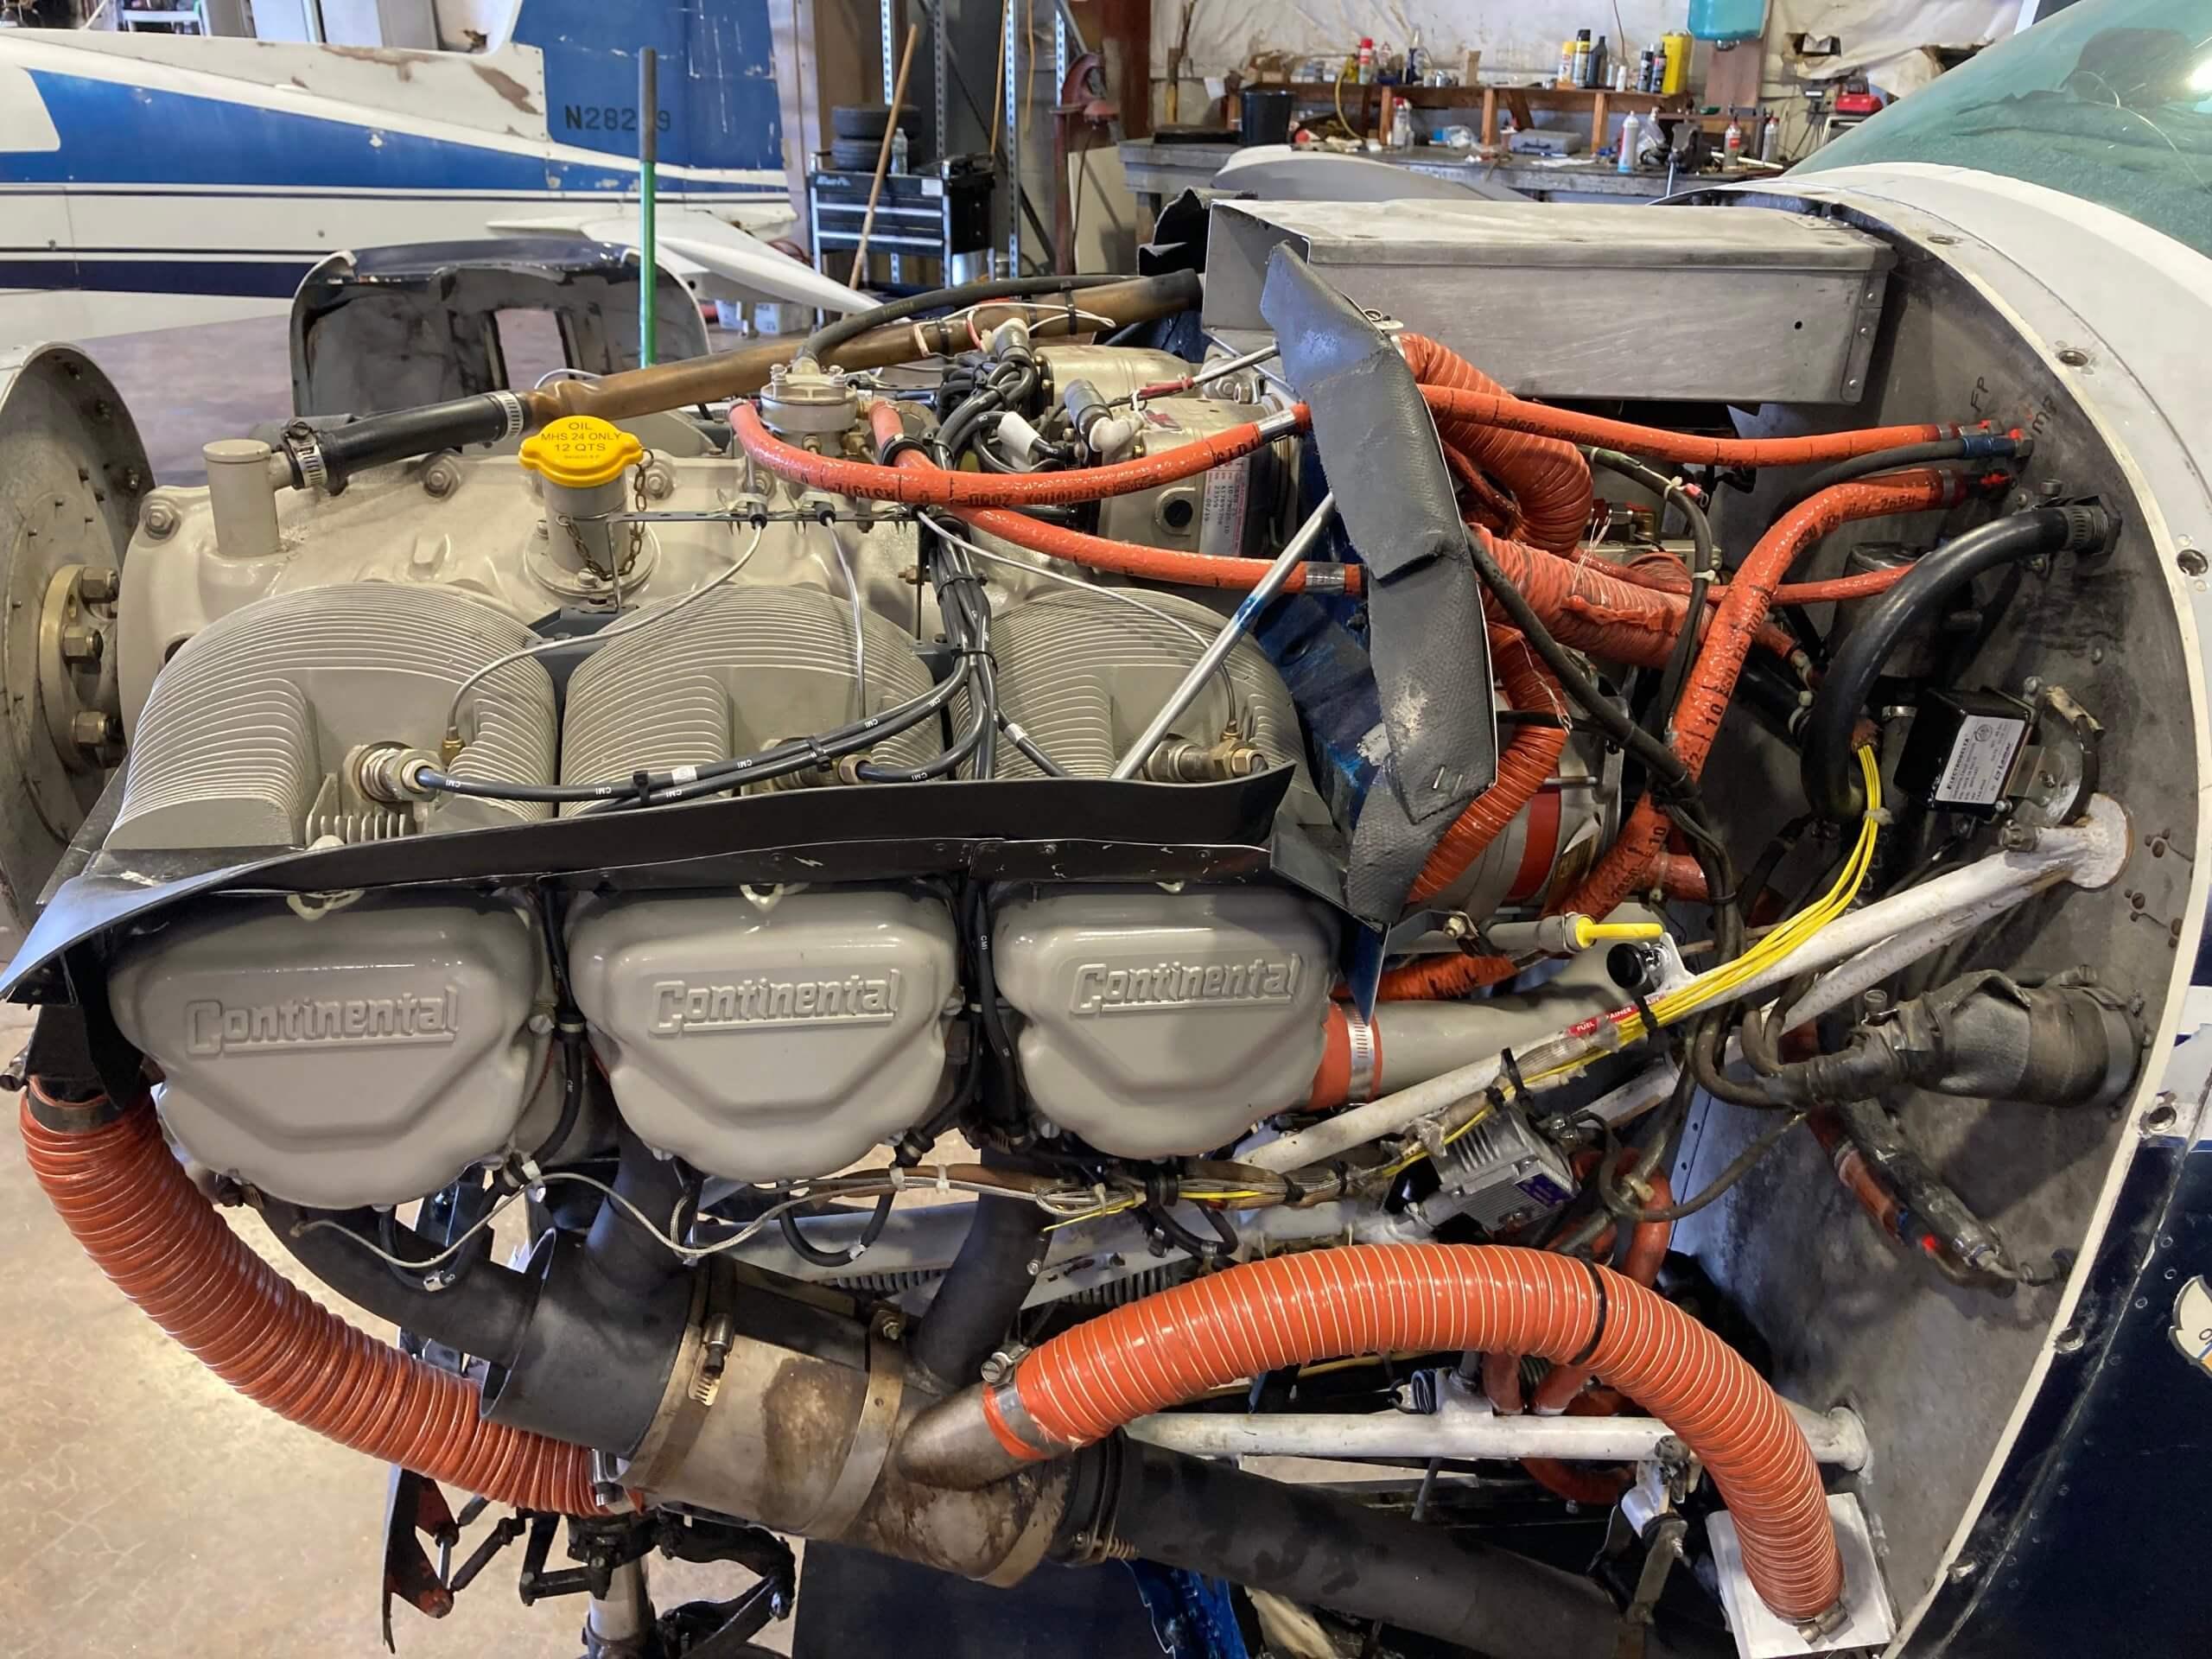 1979 Bellanca Super Viking Engine